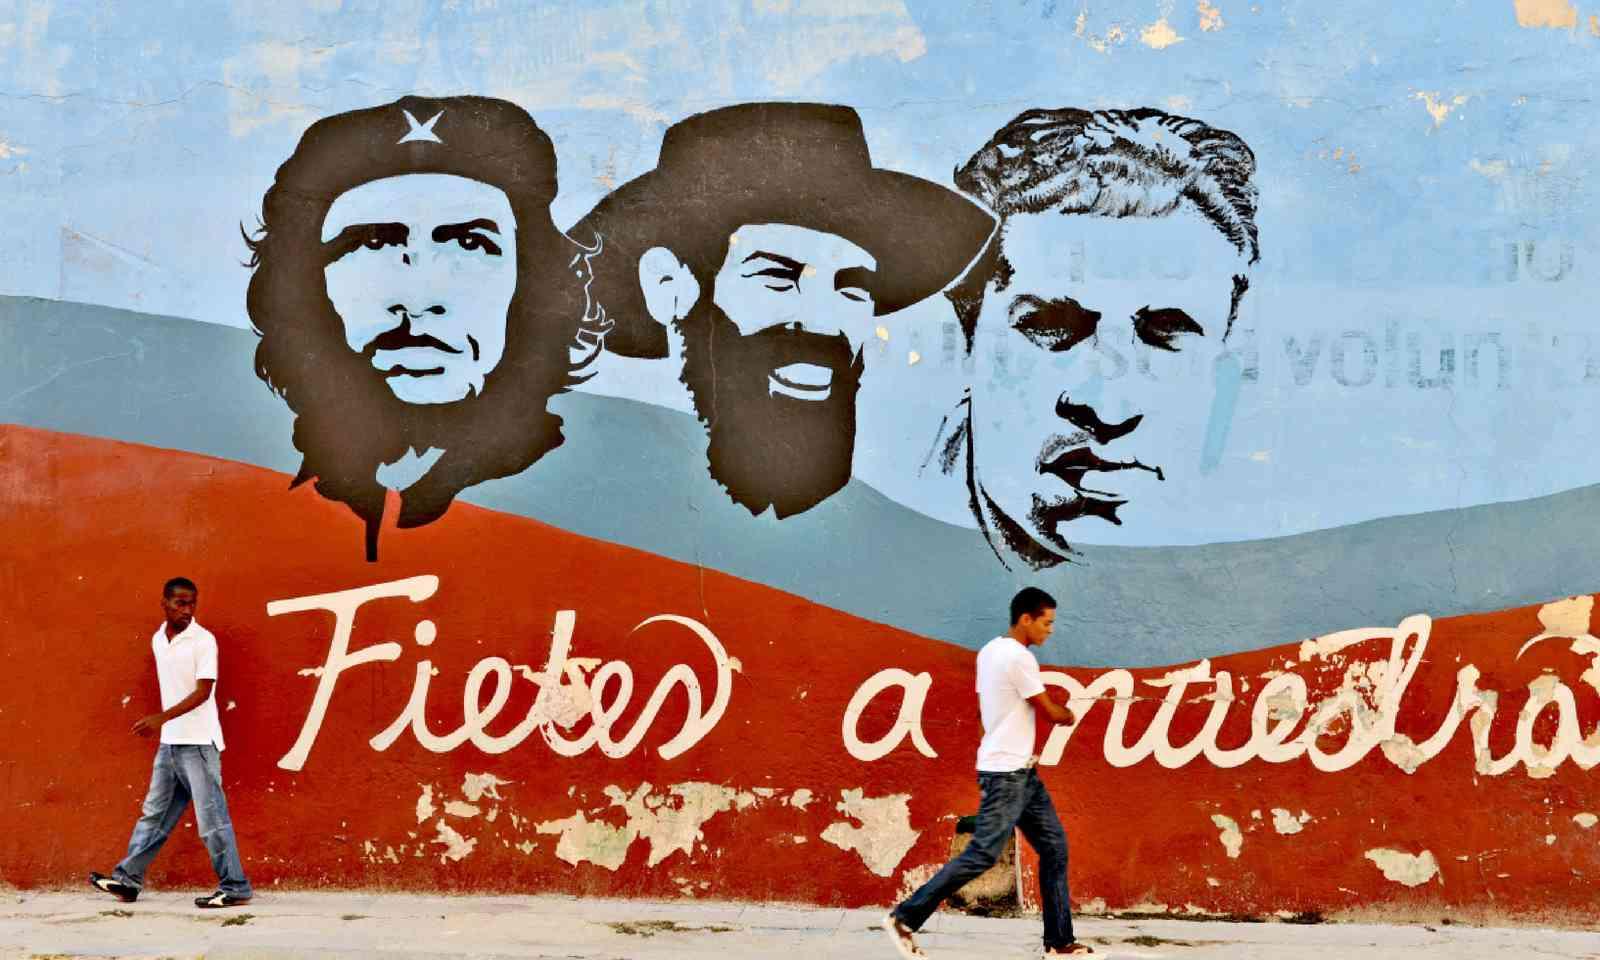 Wall paintings in Havana (Shutterstock)